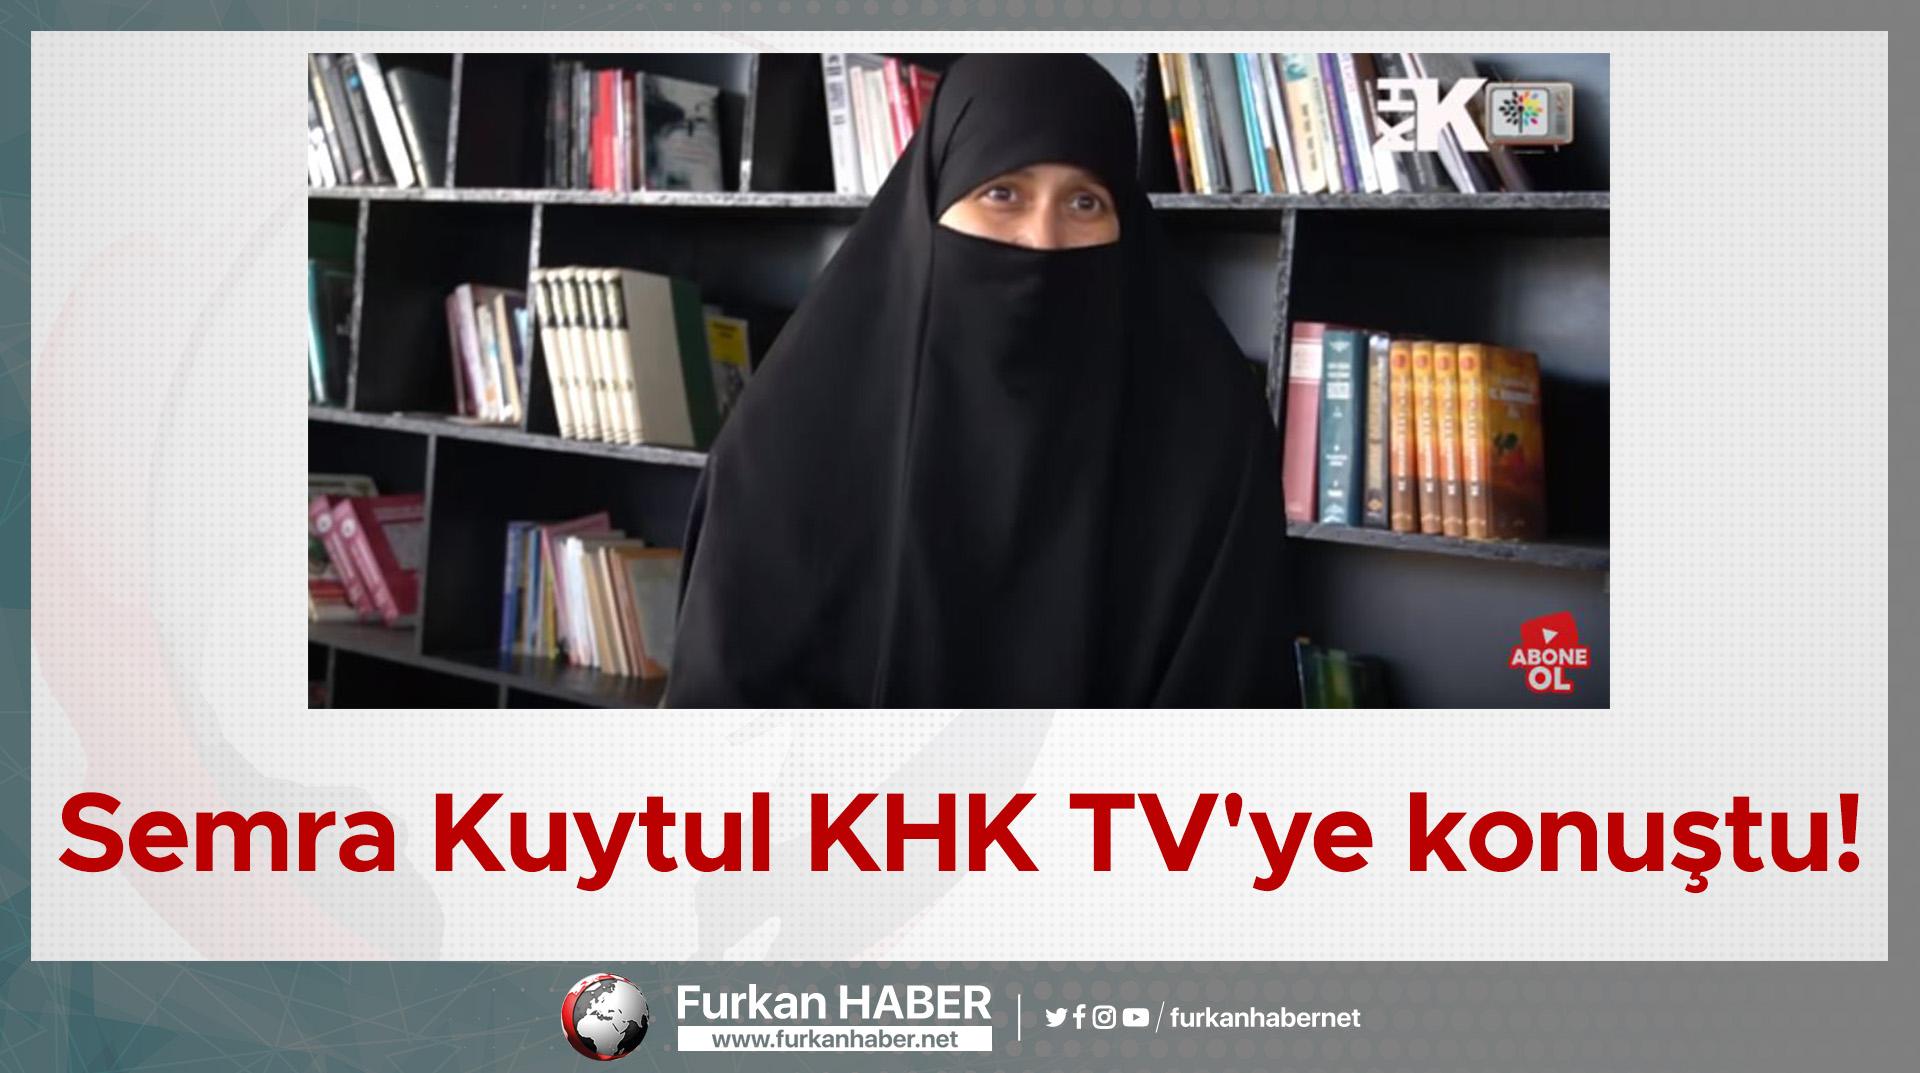 Semra Kuytul KHK TV'ye konuştu!